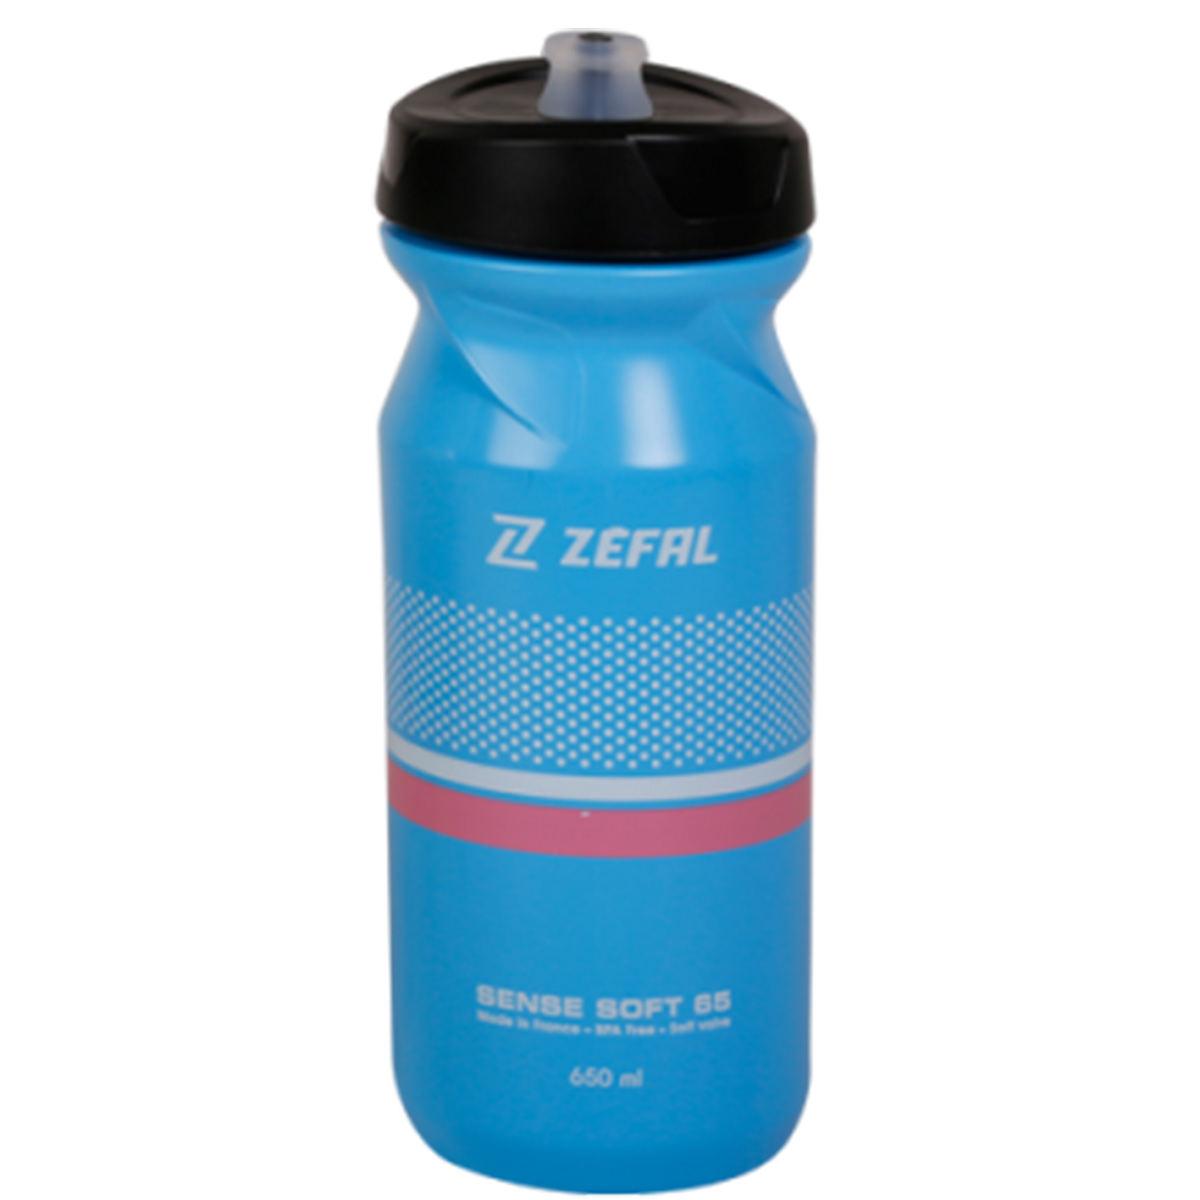 Garrafa-Caramanhola-para-Ciclismo-Zefal-Sense-Soft-65-Azul-e-Preto-650ml---9625